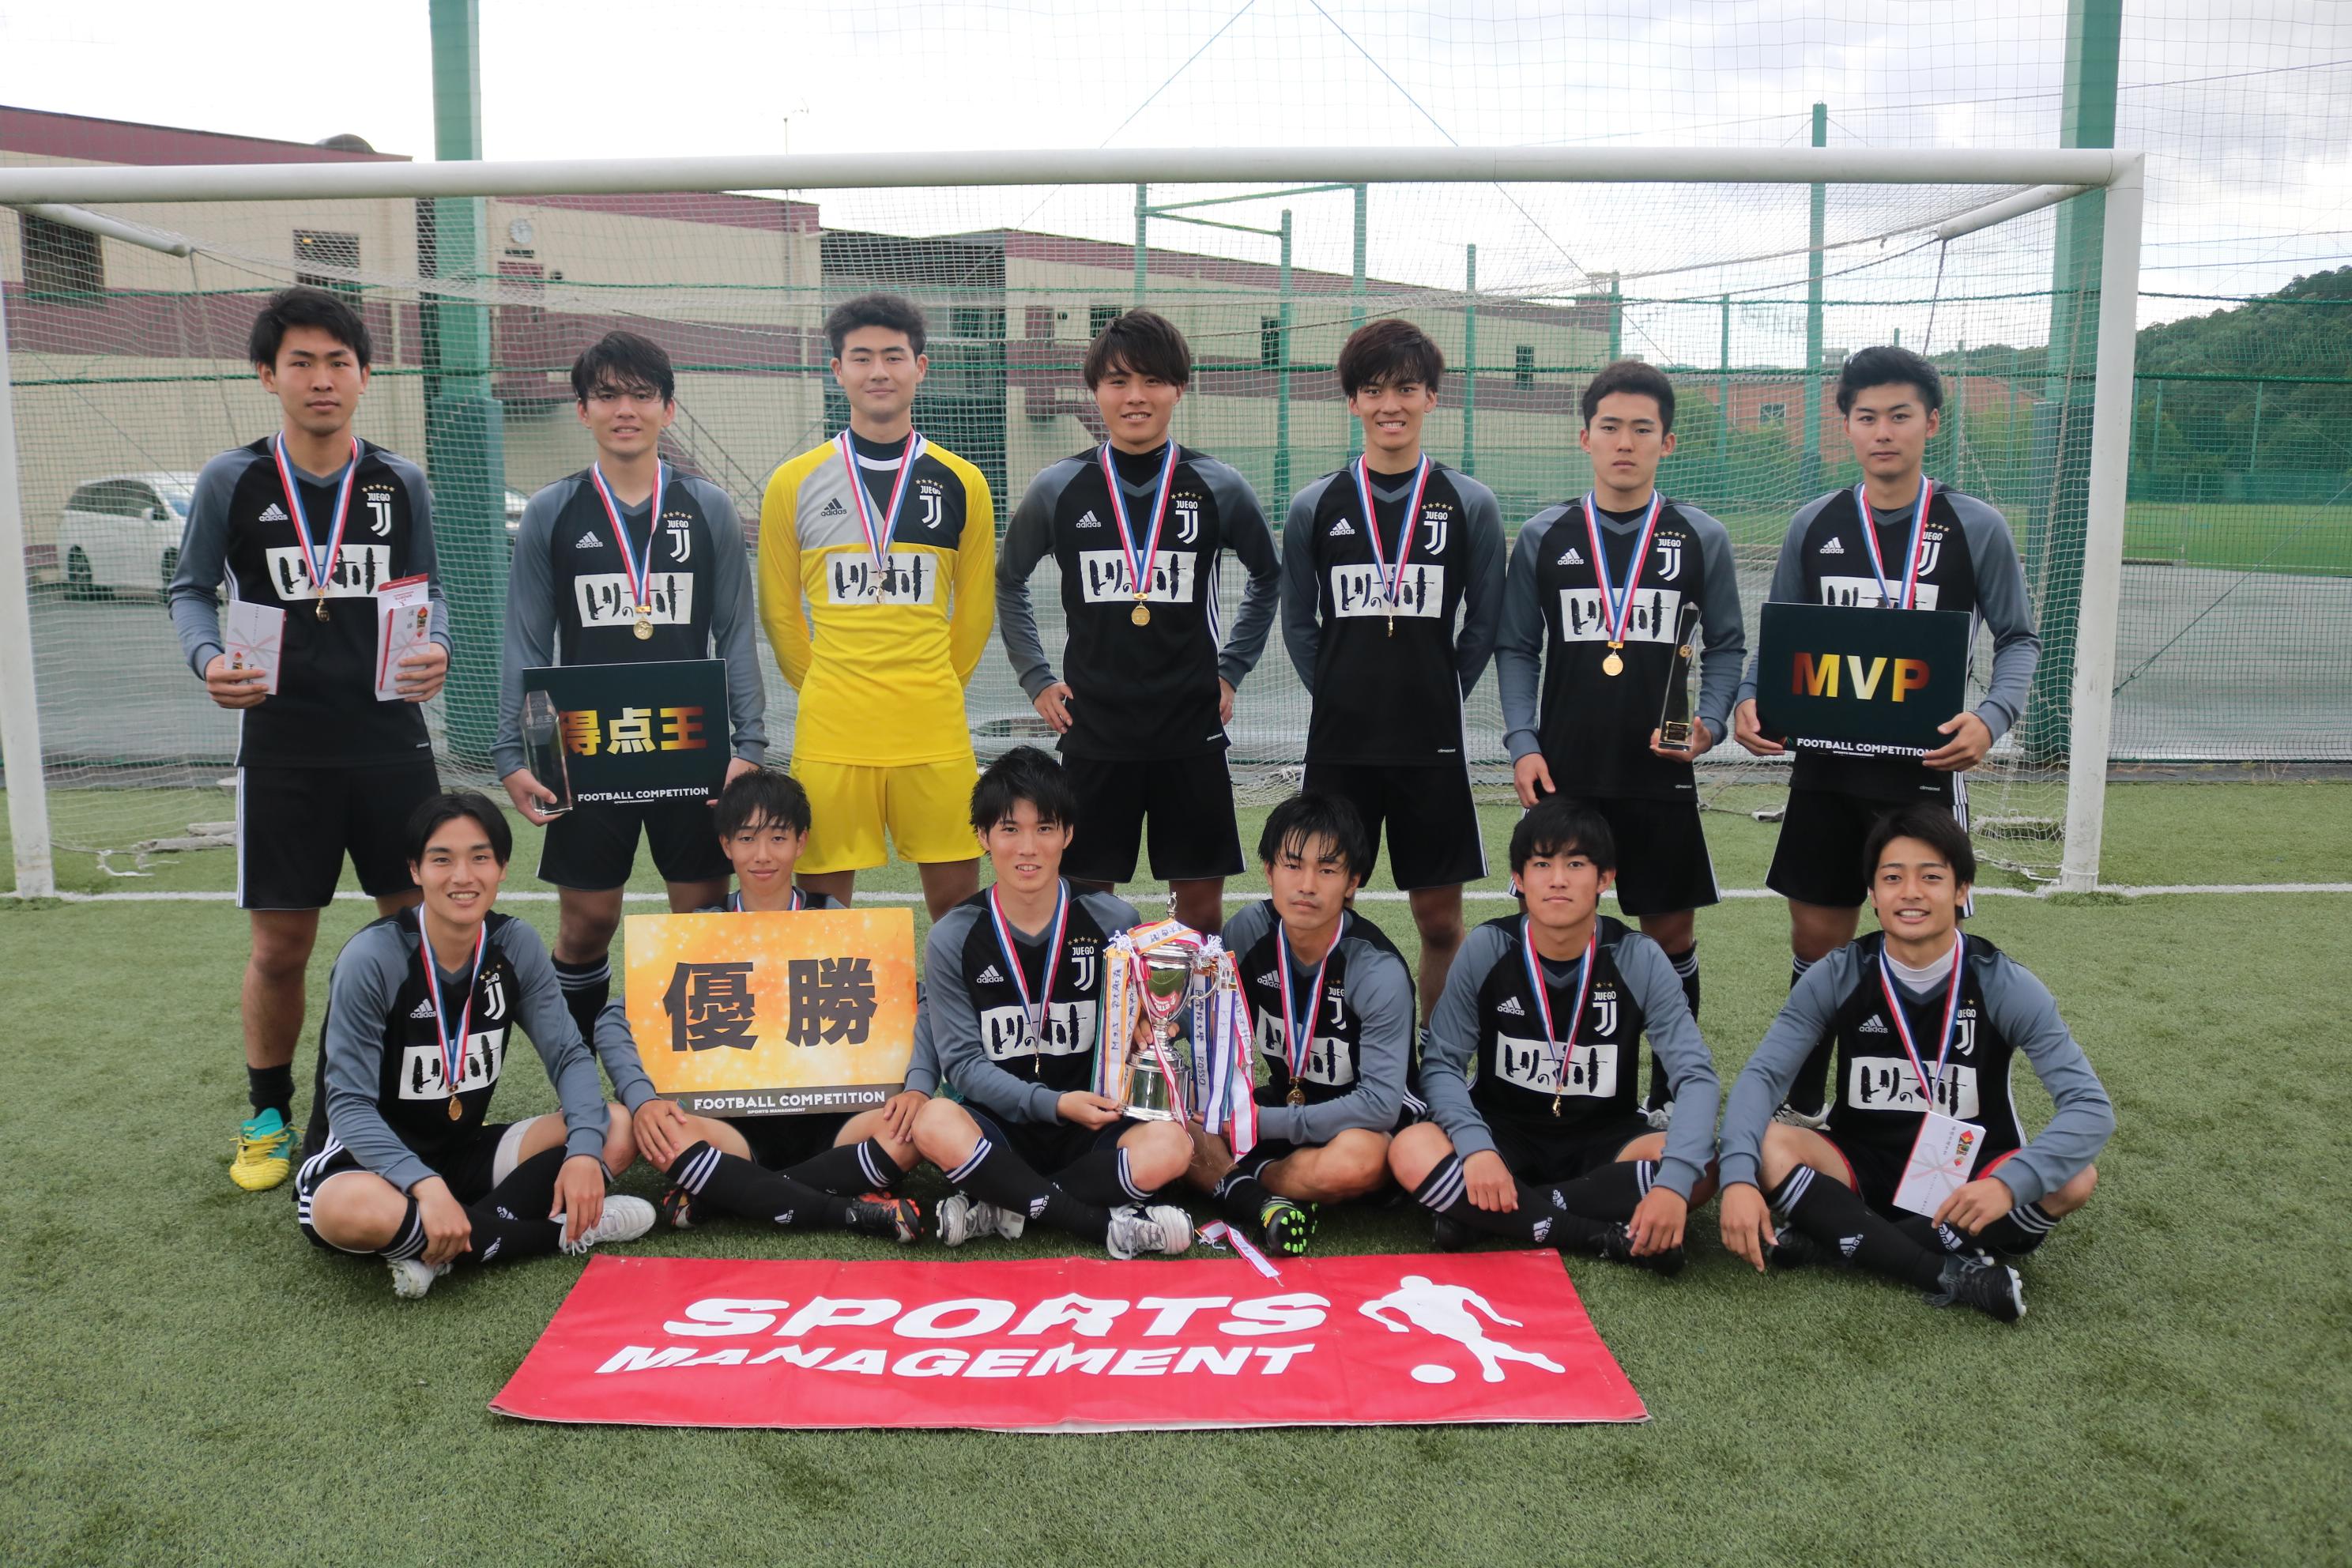 2019/6/15(土)~16(日) FOOTBALL COMPETITION 18-19【PREMIER⑥】アスコザパークTANBA